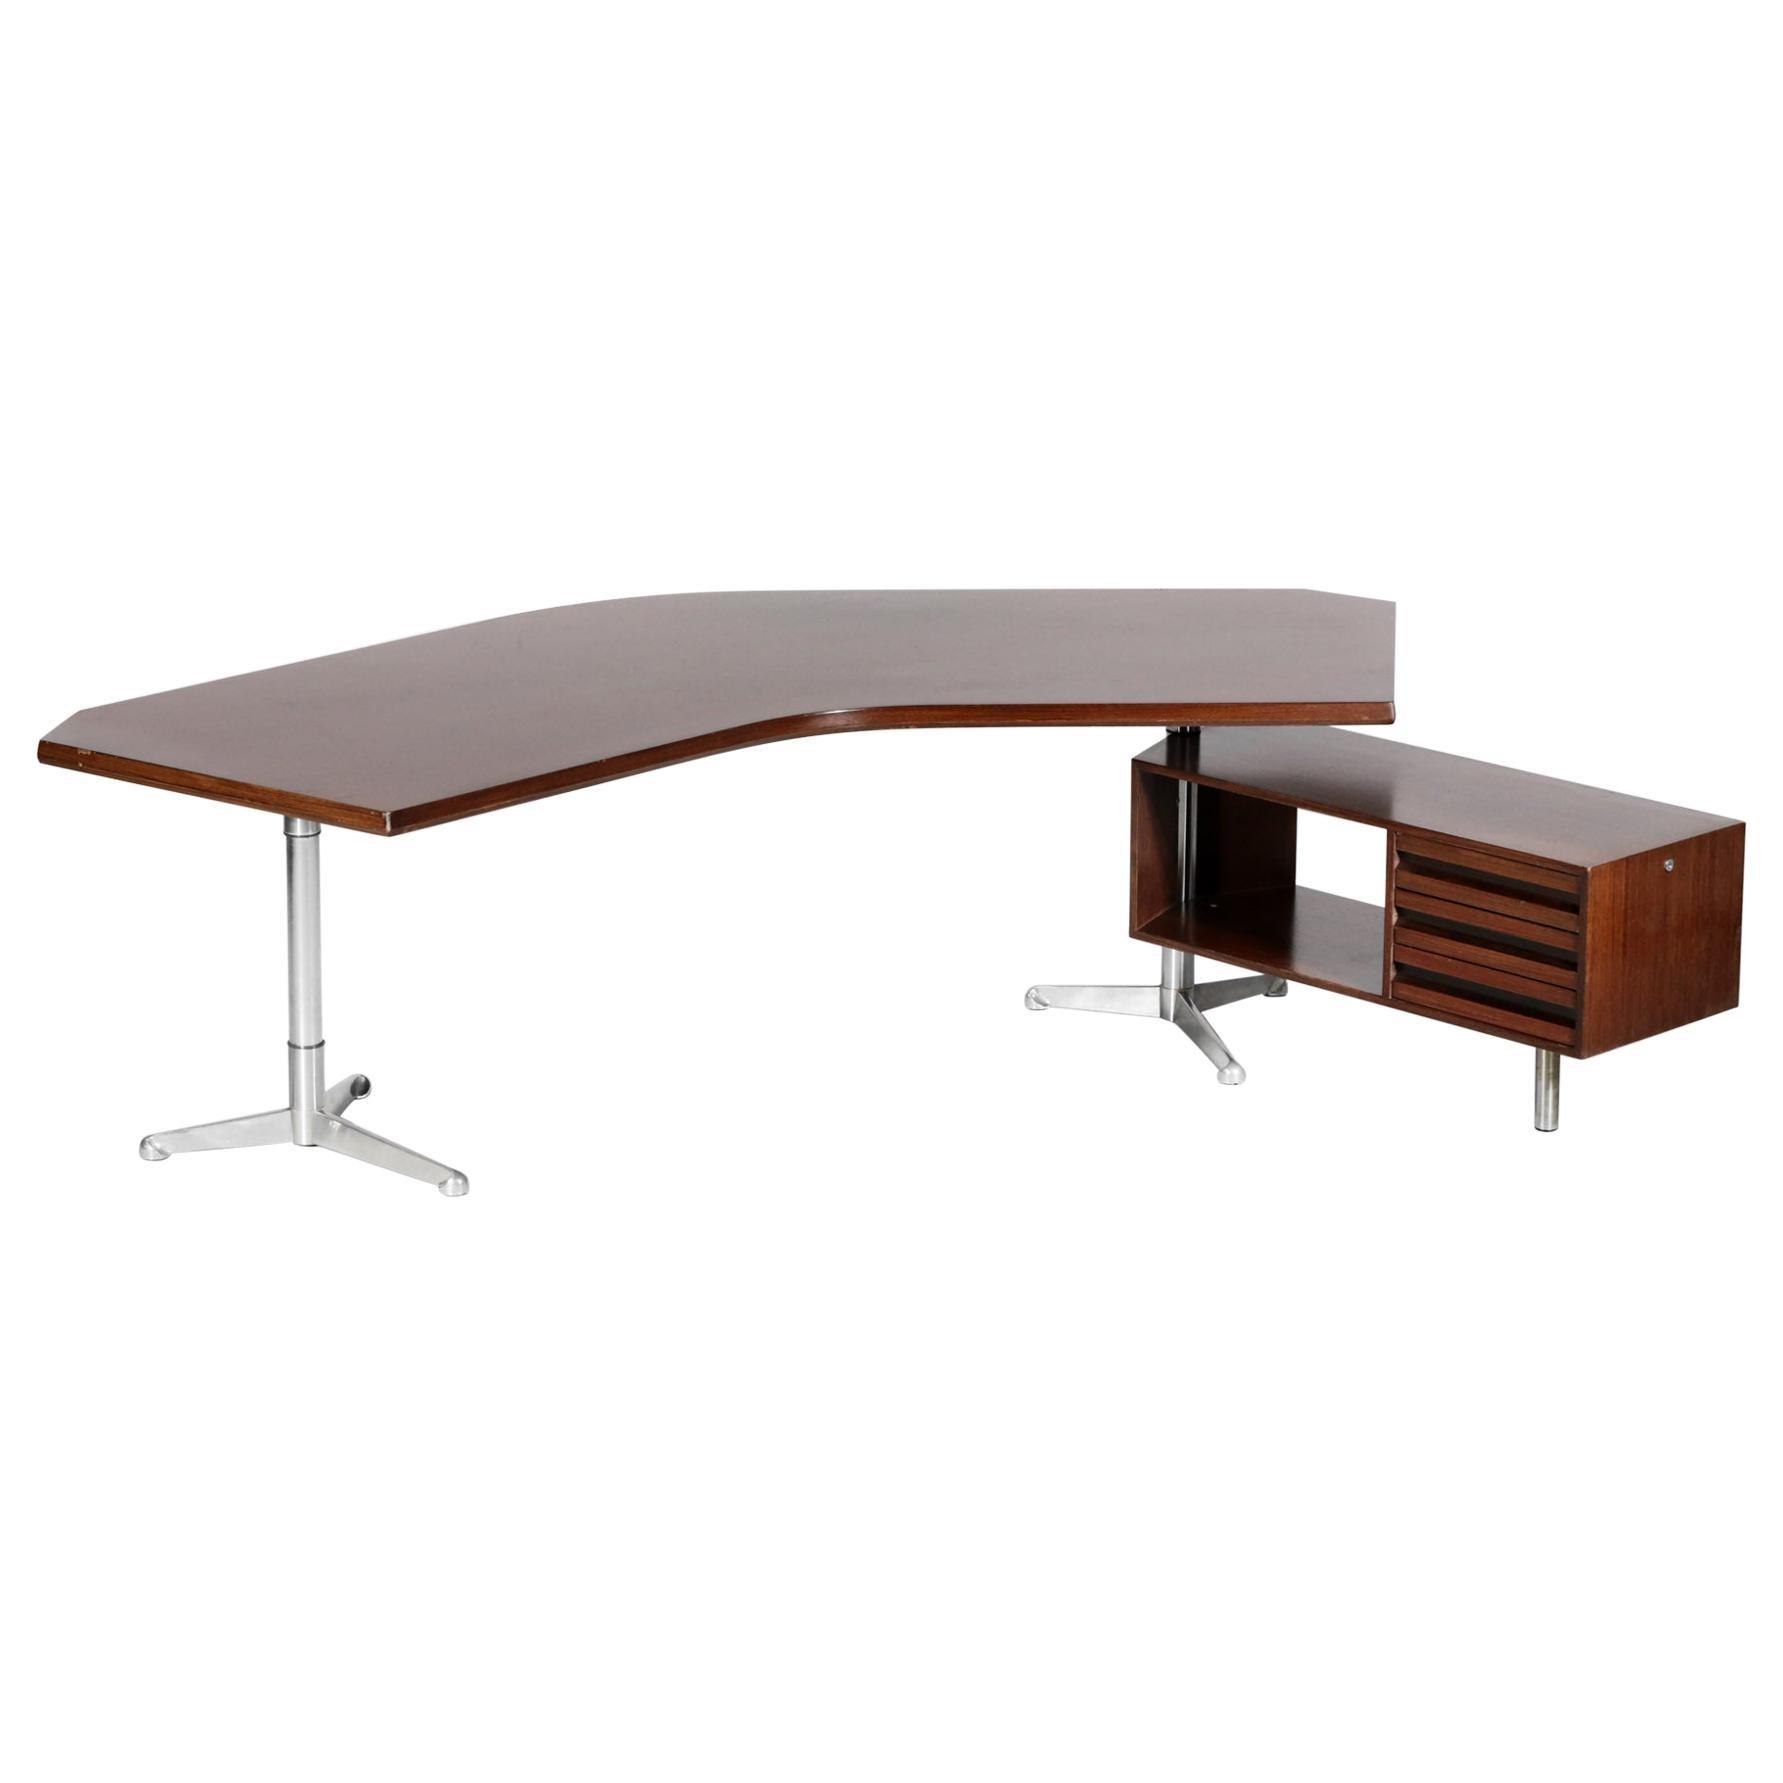 Italian Desk by Osvaldo Borsani for Tecno Midcentury Design T96 Boomerang 1950s